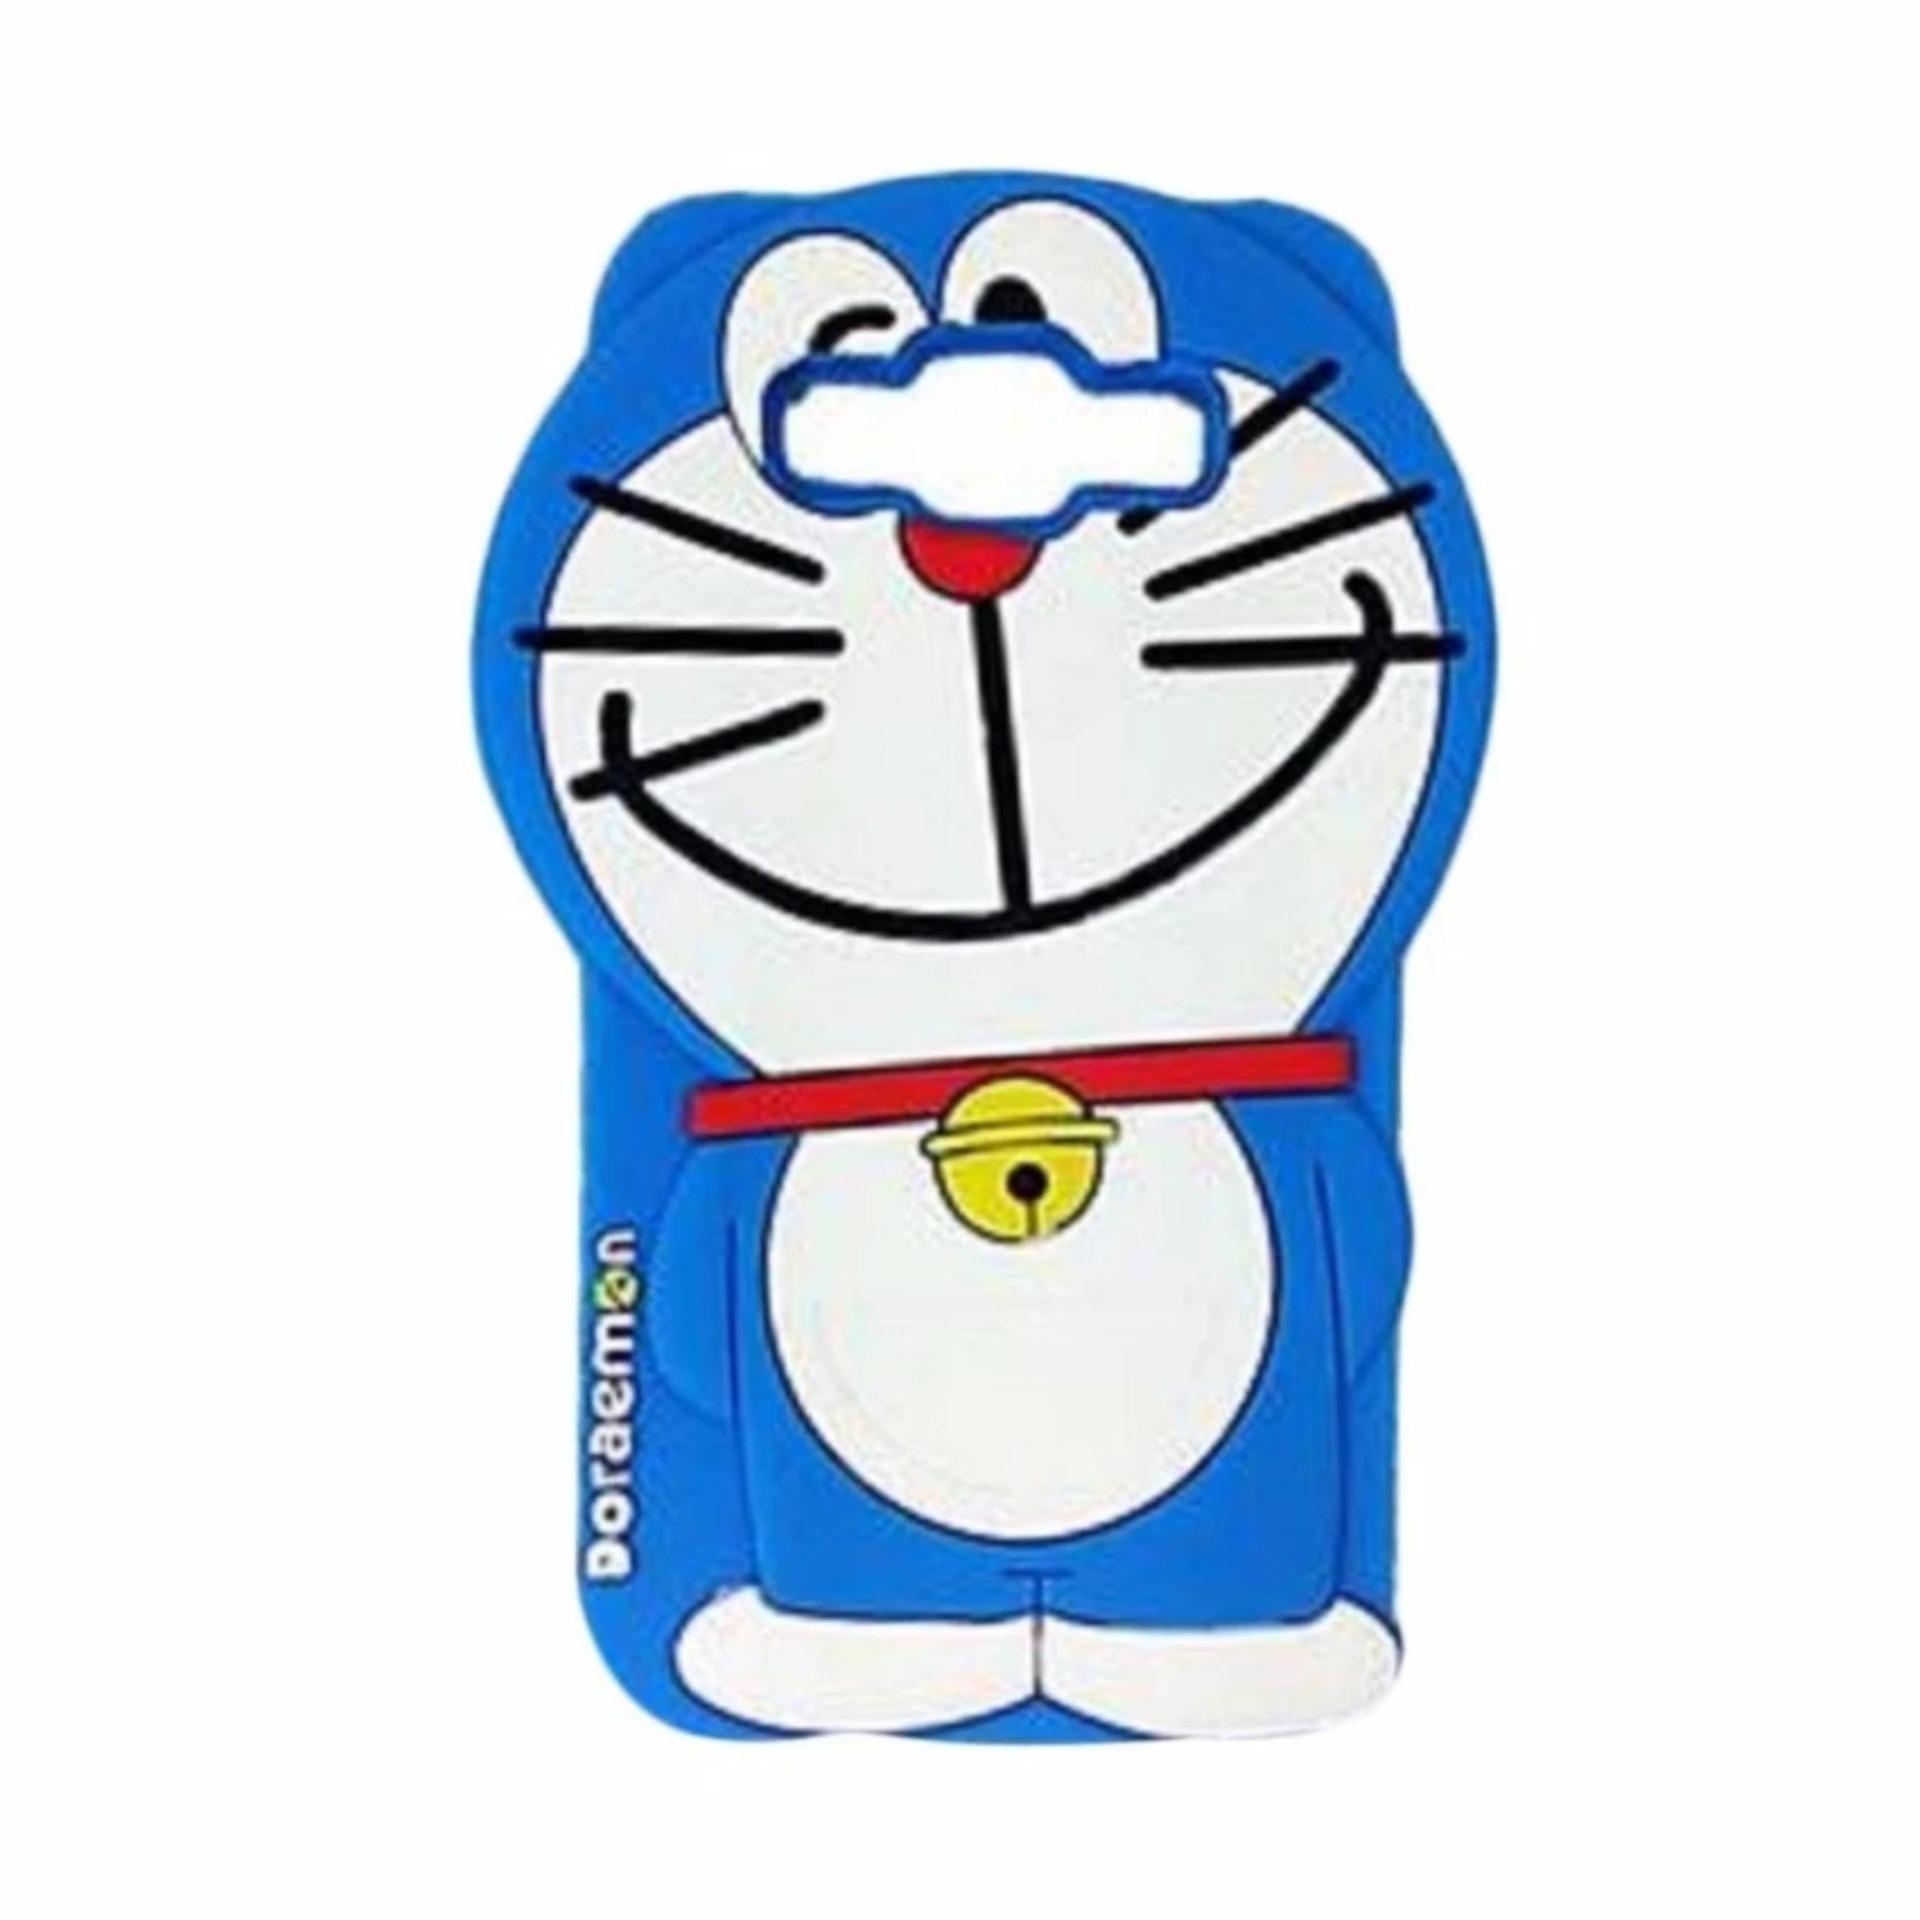 Flash Sale Casing Case Kartun Doraemon 3d Softcase Casing For